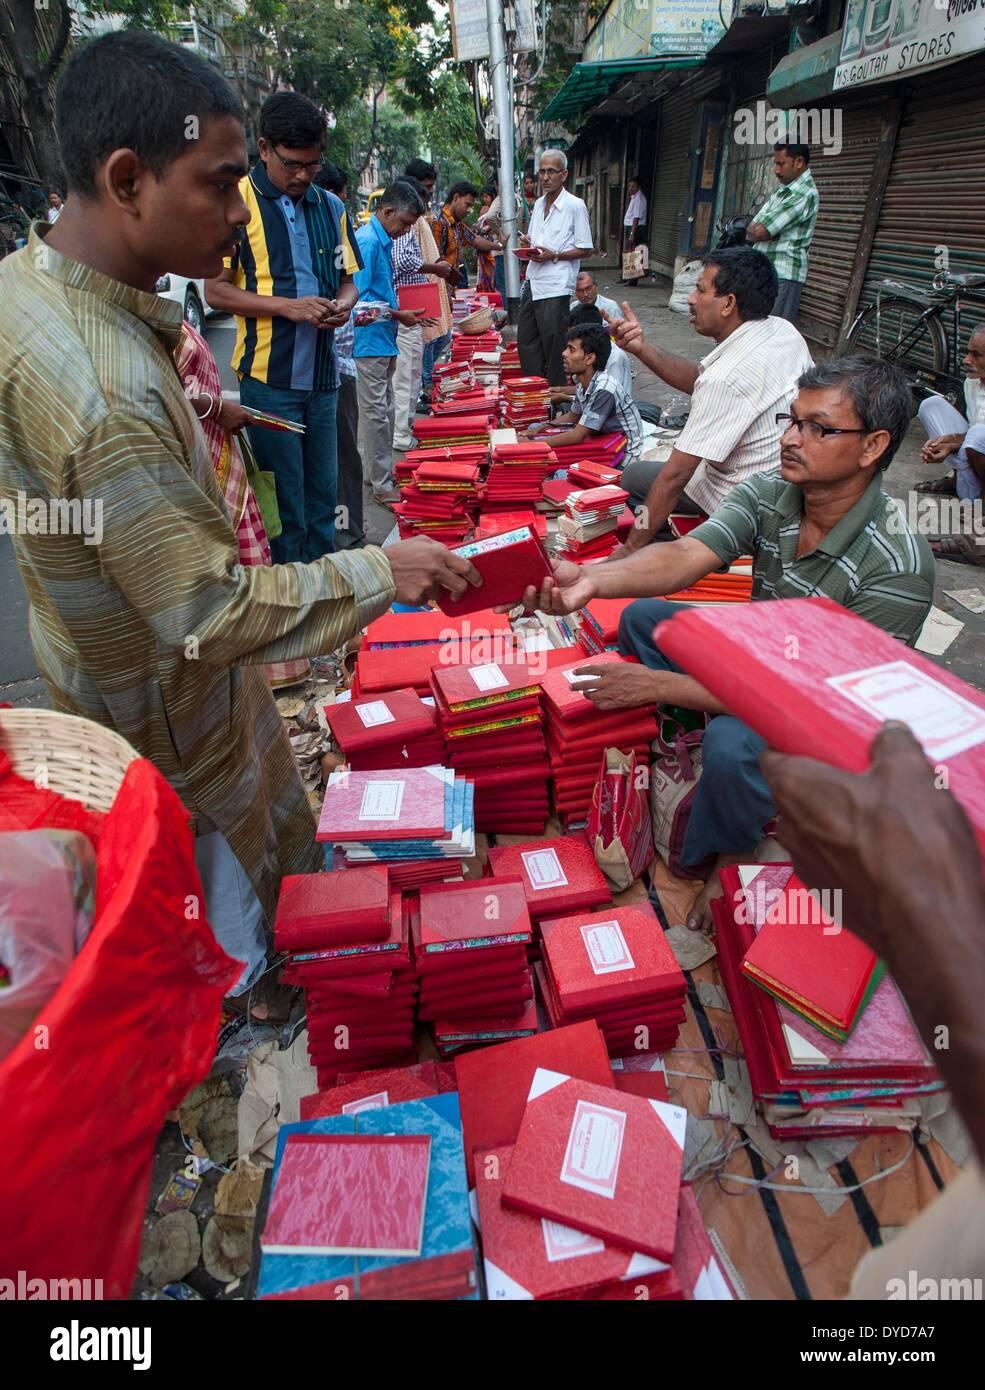 Calcutta, lo stato indiano del Bengala Occidentale. 15 apr 2014. Commercianti indiano acquista nuovo registro di contabilità libri a Calcutta, capitale dell'est lo stato indiano del Bengala Occidentale, 15 aprile 2014. Poila Baishakh, il primo giorno del calendario Bengali anno, è l'inizio di tutte le attività aziendali nel Bengala occidentale quando i commercianti culto del Signore Ganesha e la dea Lakshmi per contrassegnare l'anno con la ricchezza e la prosperità. © Tumpa Mondal/Xinhua/Alamy Live News Immagini Stock